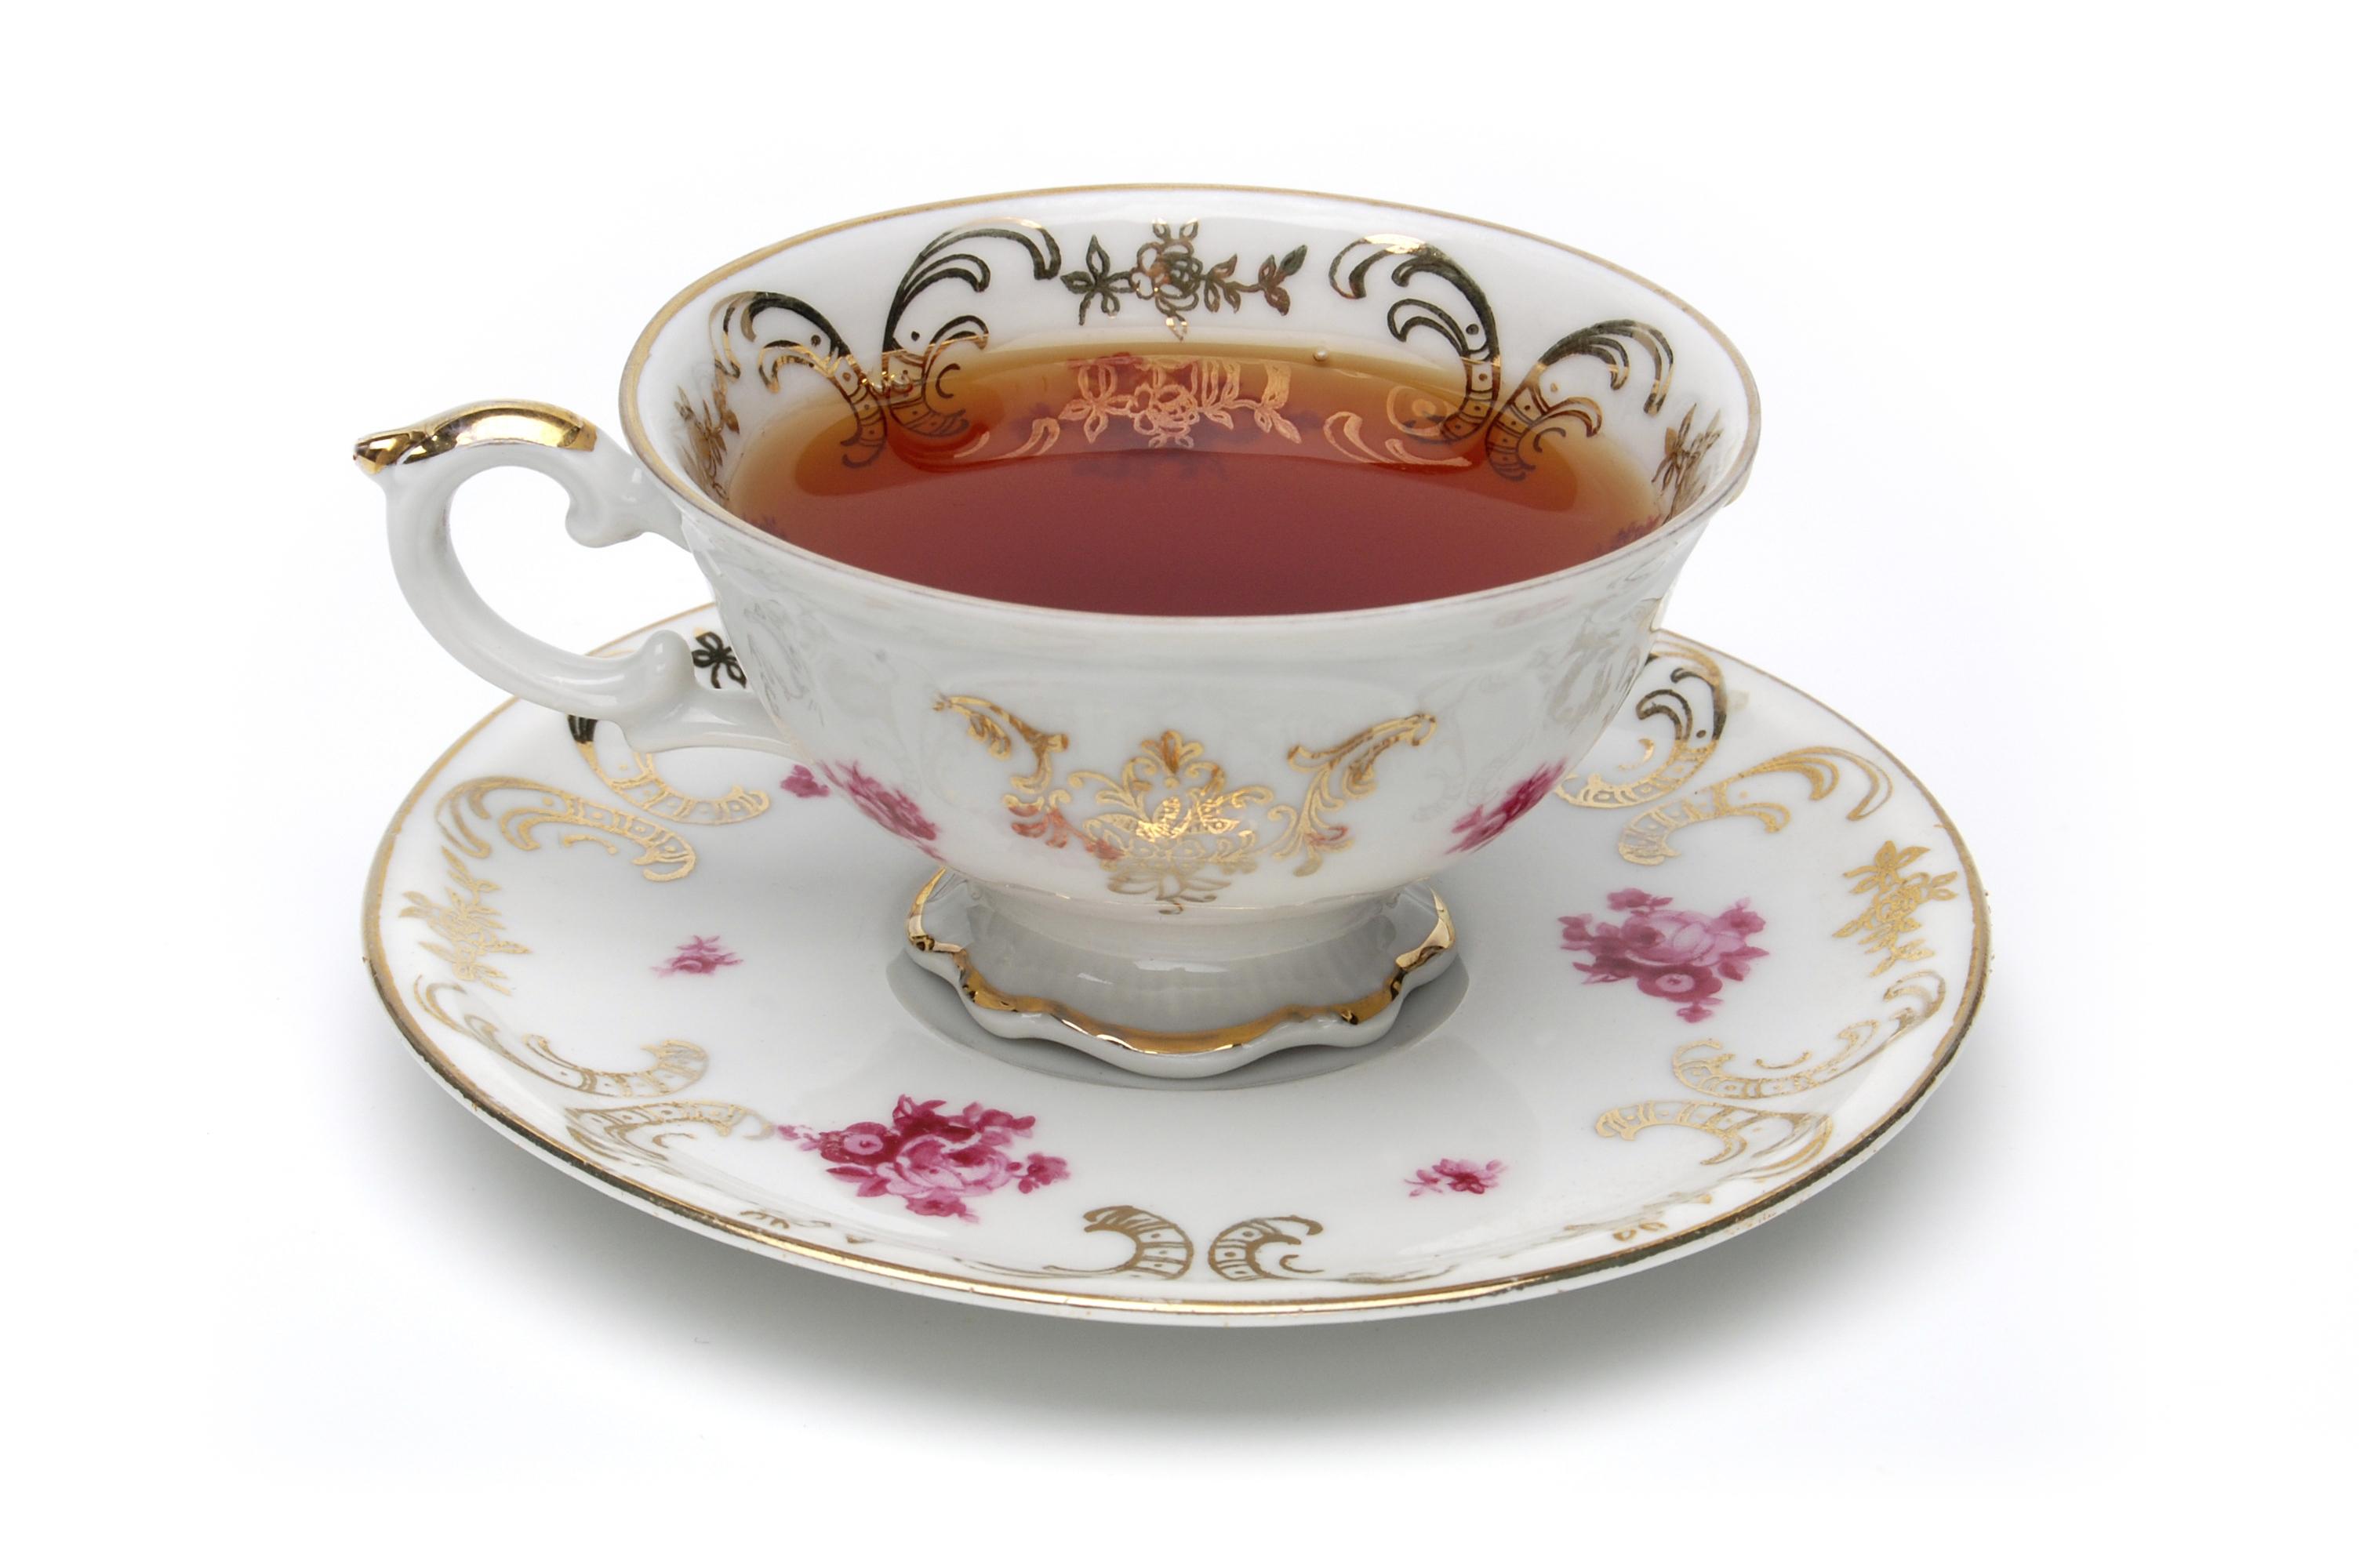 http://www.marlenebumgarner.com/wp-content/uploads/2014/10/Cup-of-tea.jpg